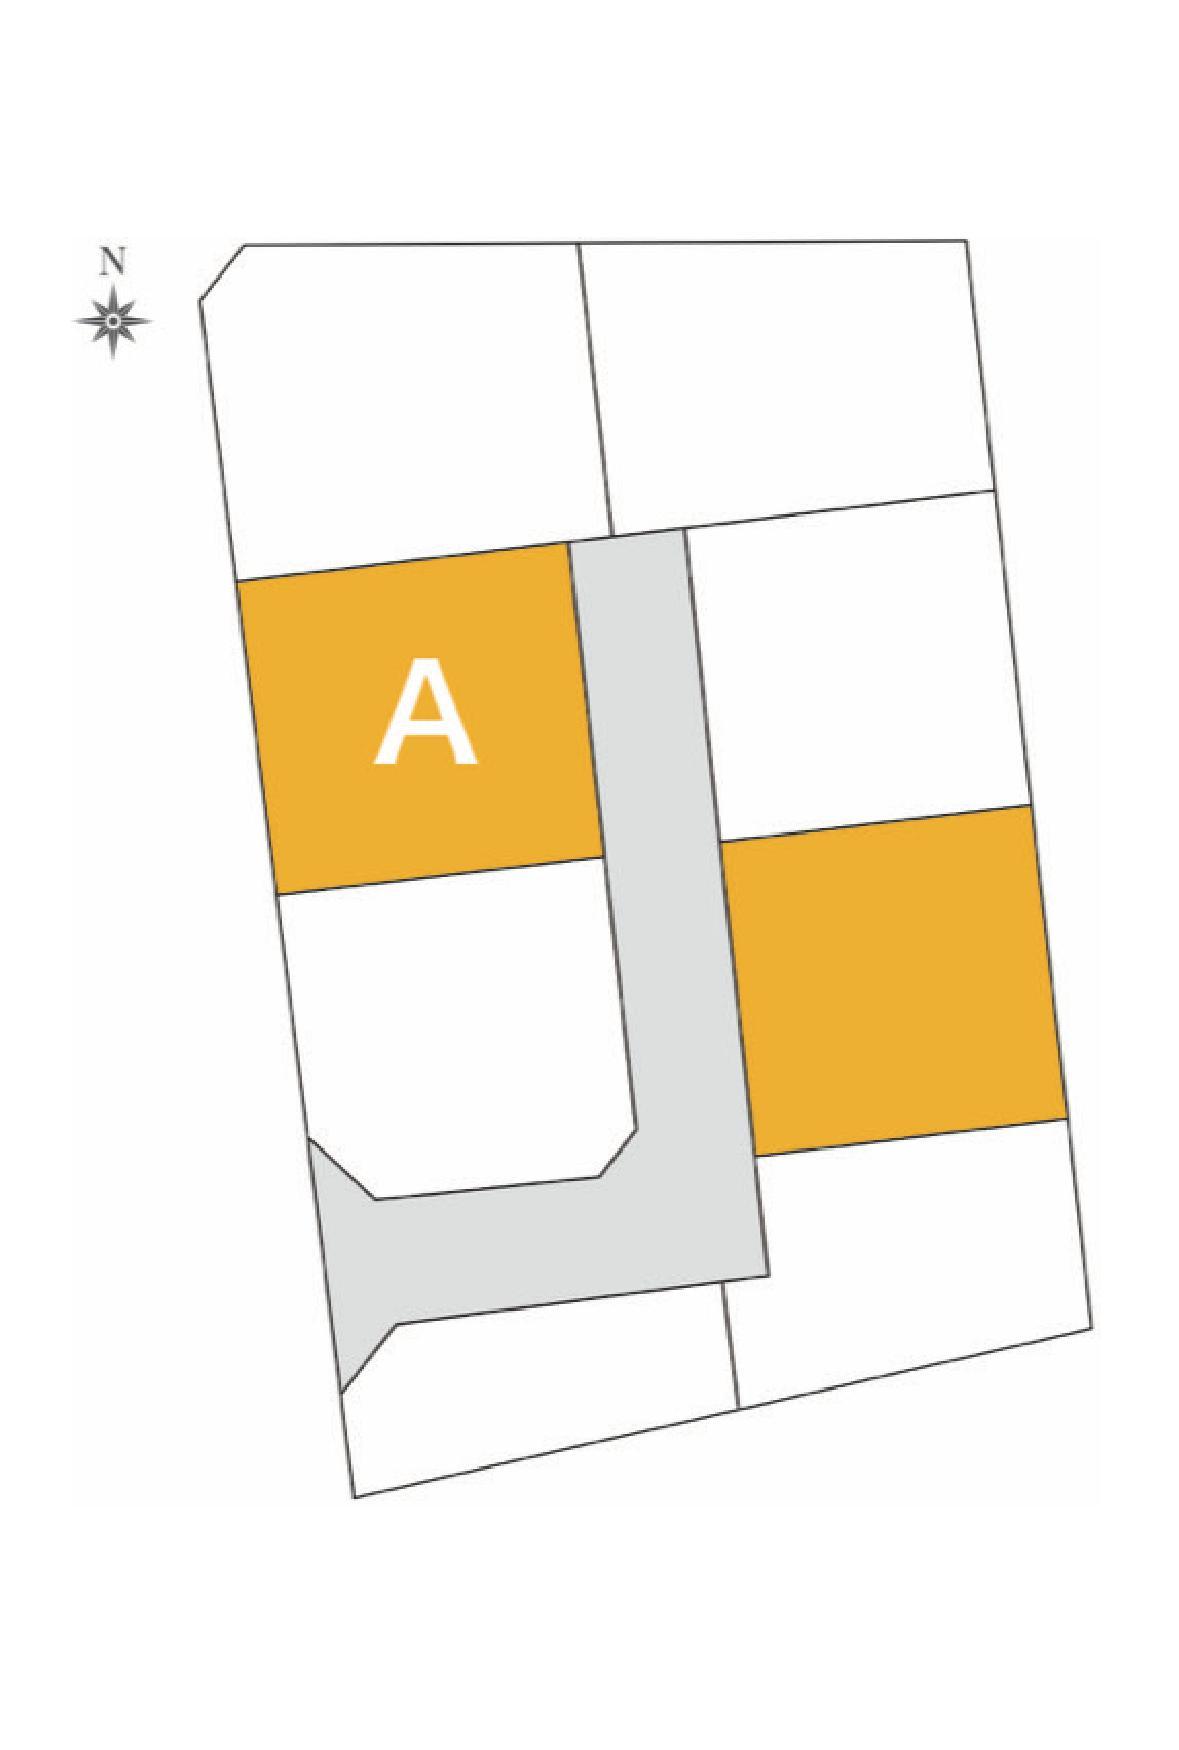 【分譲地】奥州市水沢桜屋敷 分譲地A・アイキャッチ画像